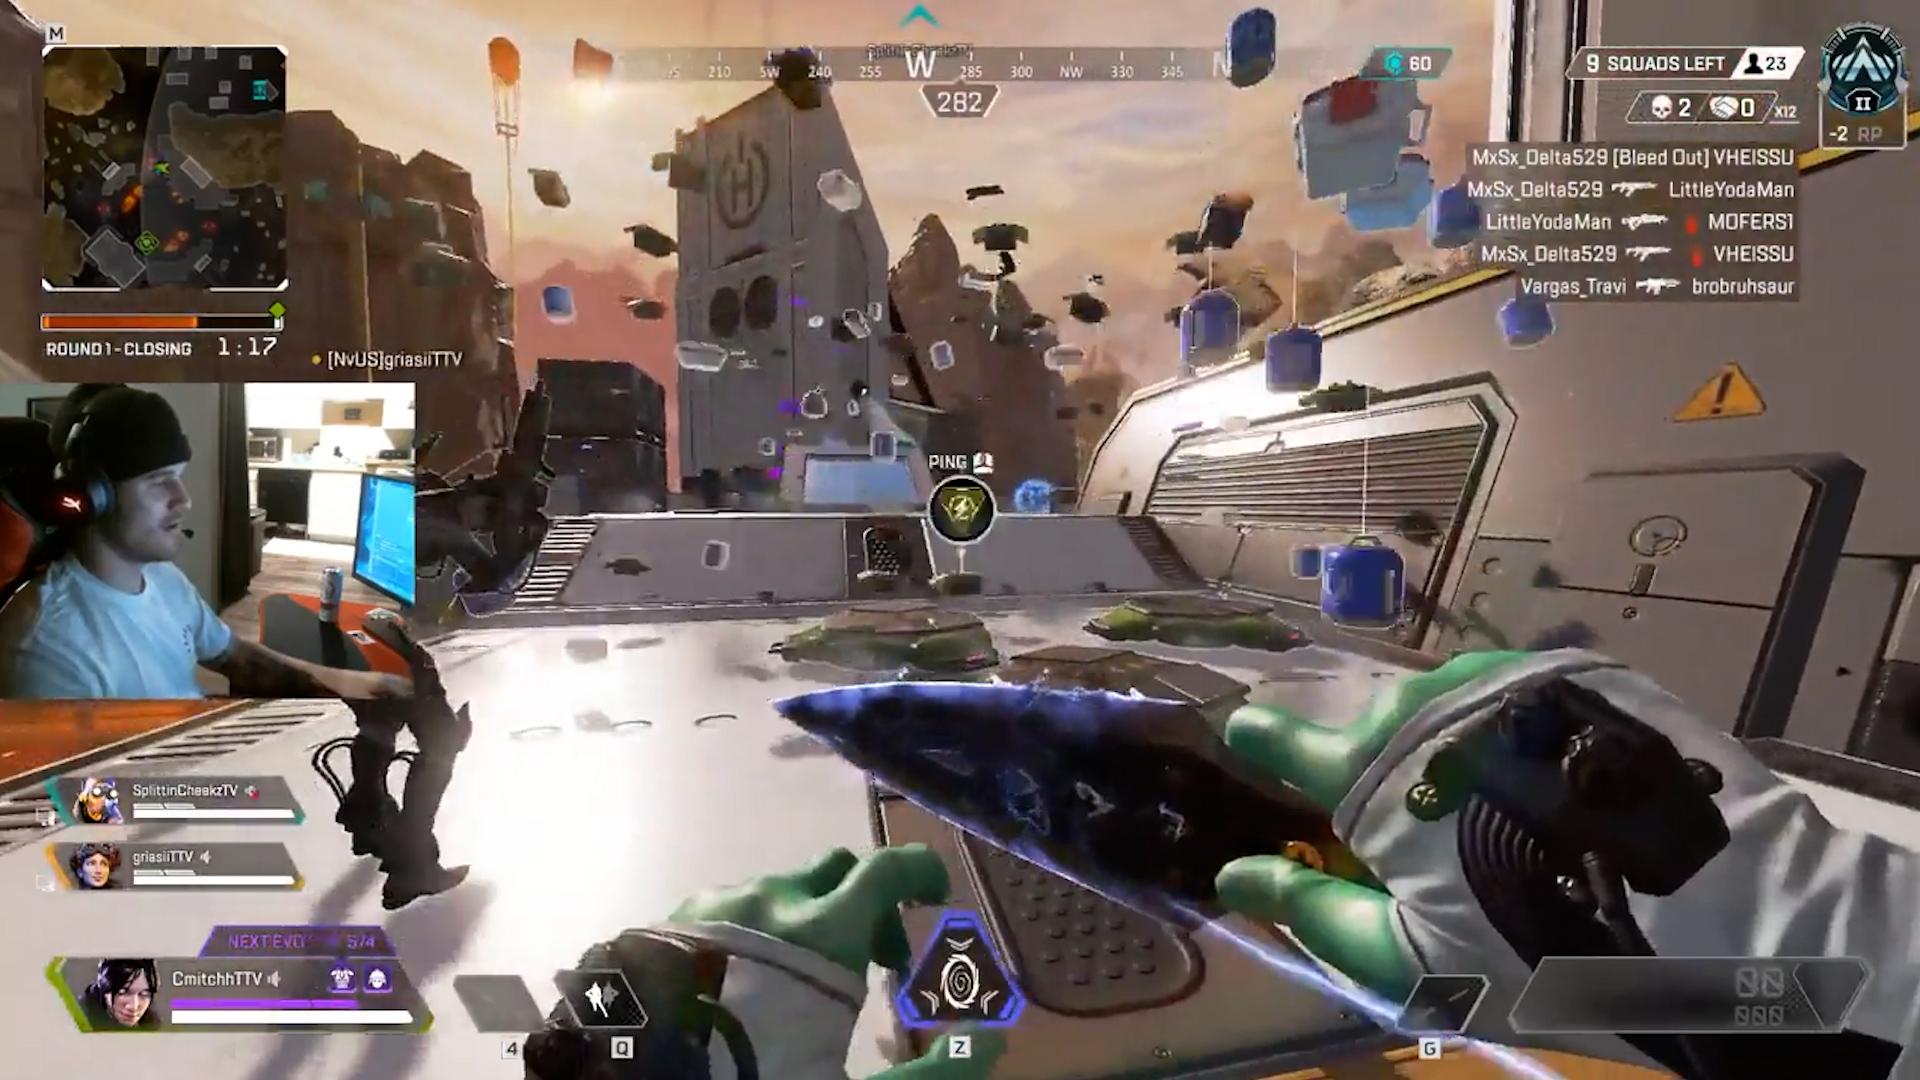 【APEXバグ】アイテムが楽しそうに飛び跳ねるバグ映像